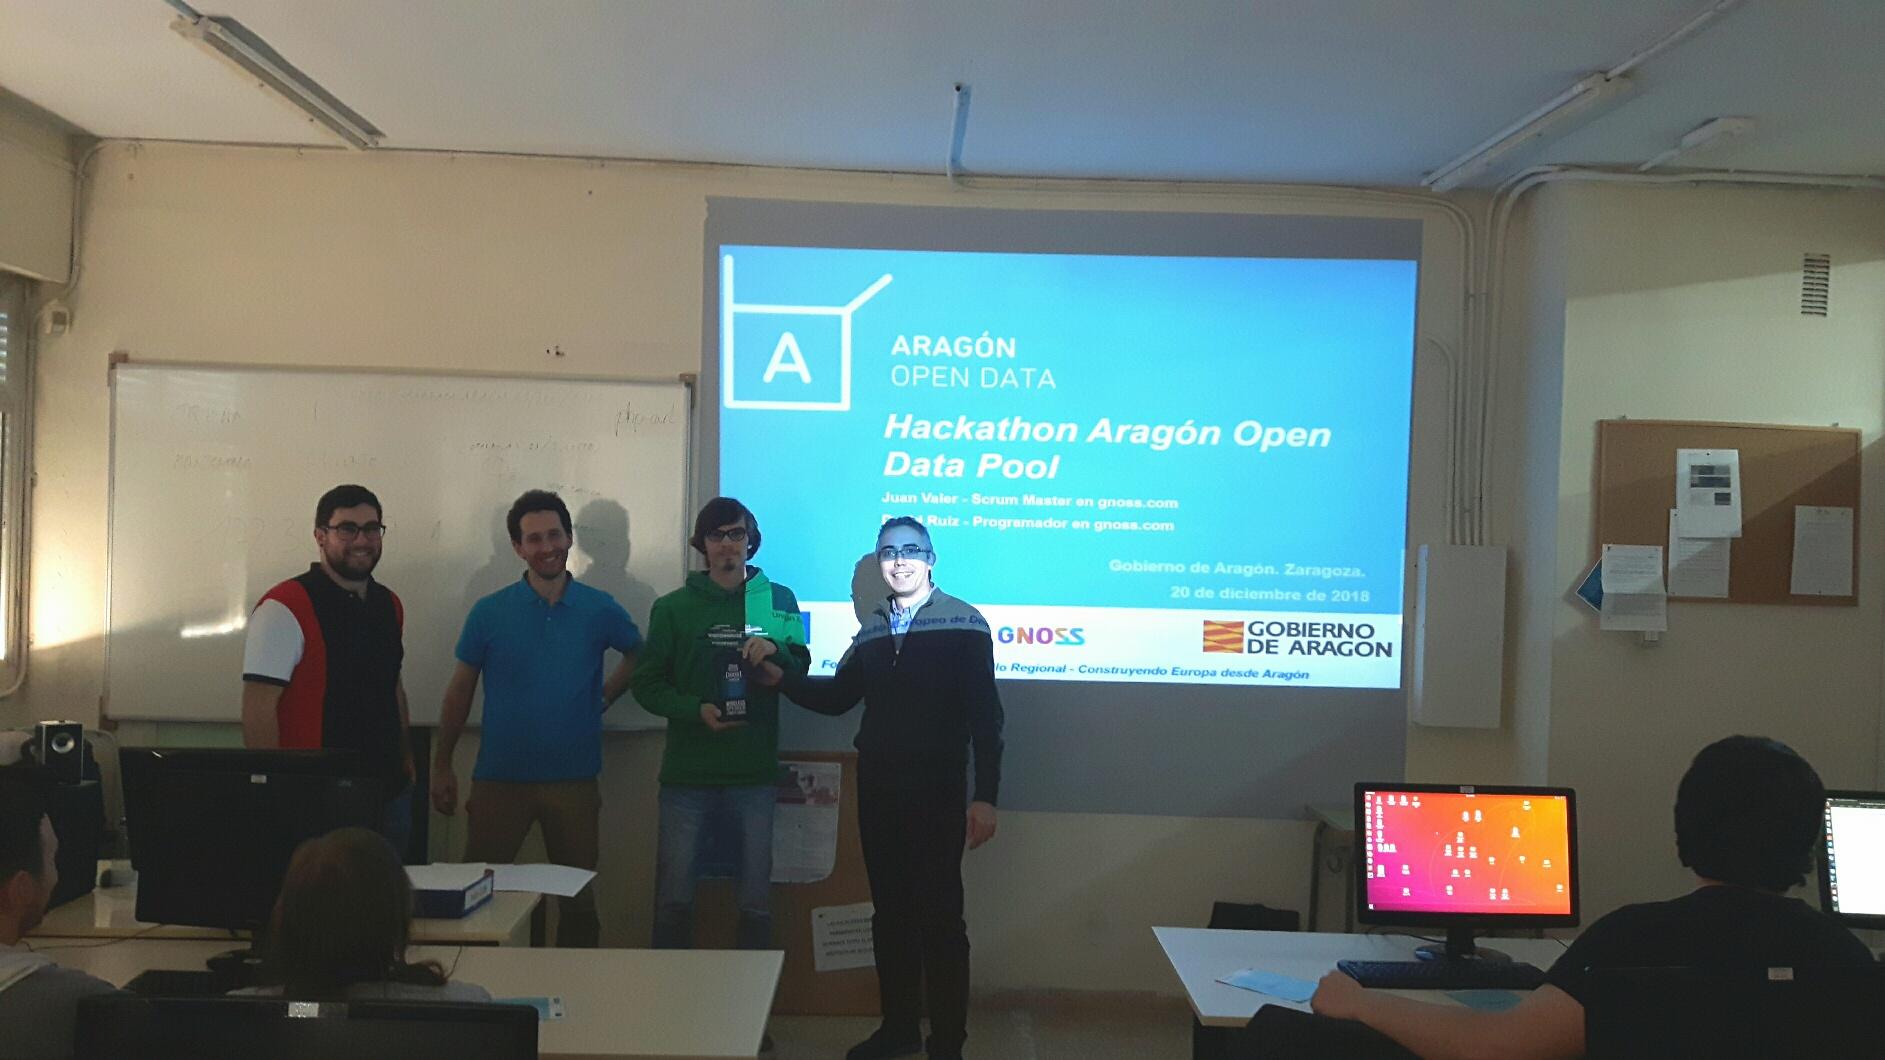 Aragón Open Data Pool se ha presentado con un hackathon en el CPIF Los Enlaces